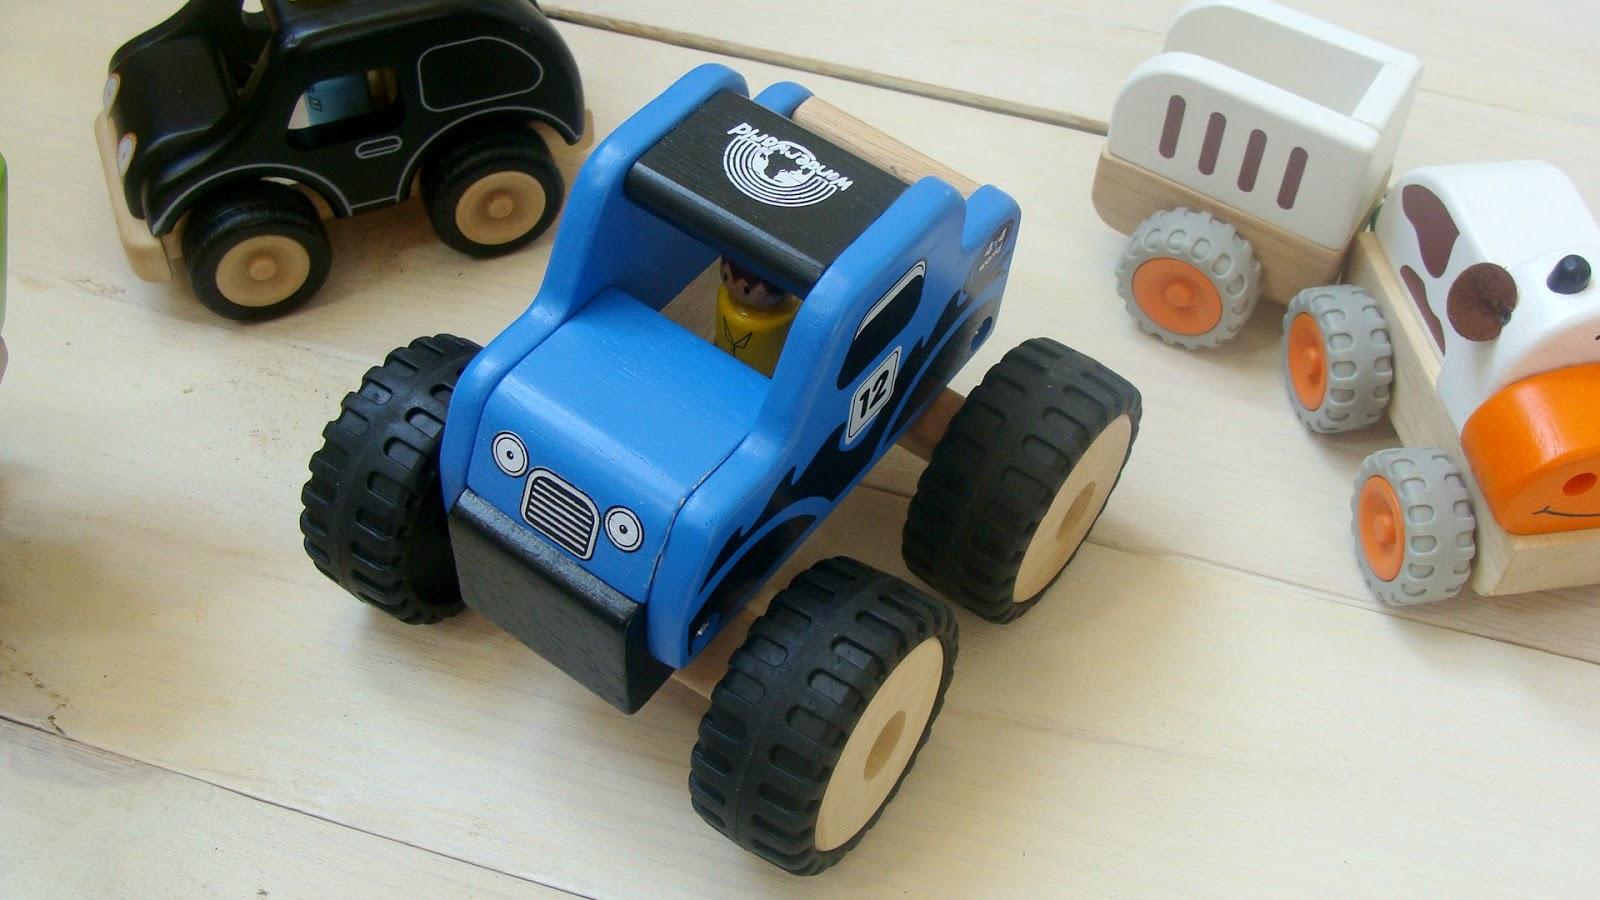 Zabawki drewniane, samochody drewniane, zabawki wonderworld, taxi, laweta, monster truck, drewniany traktor